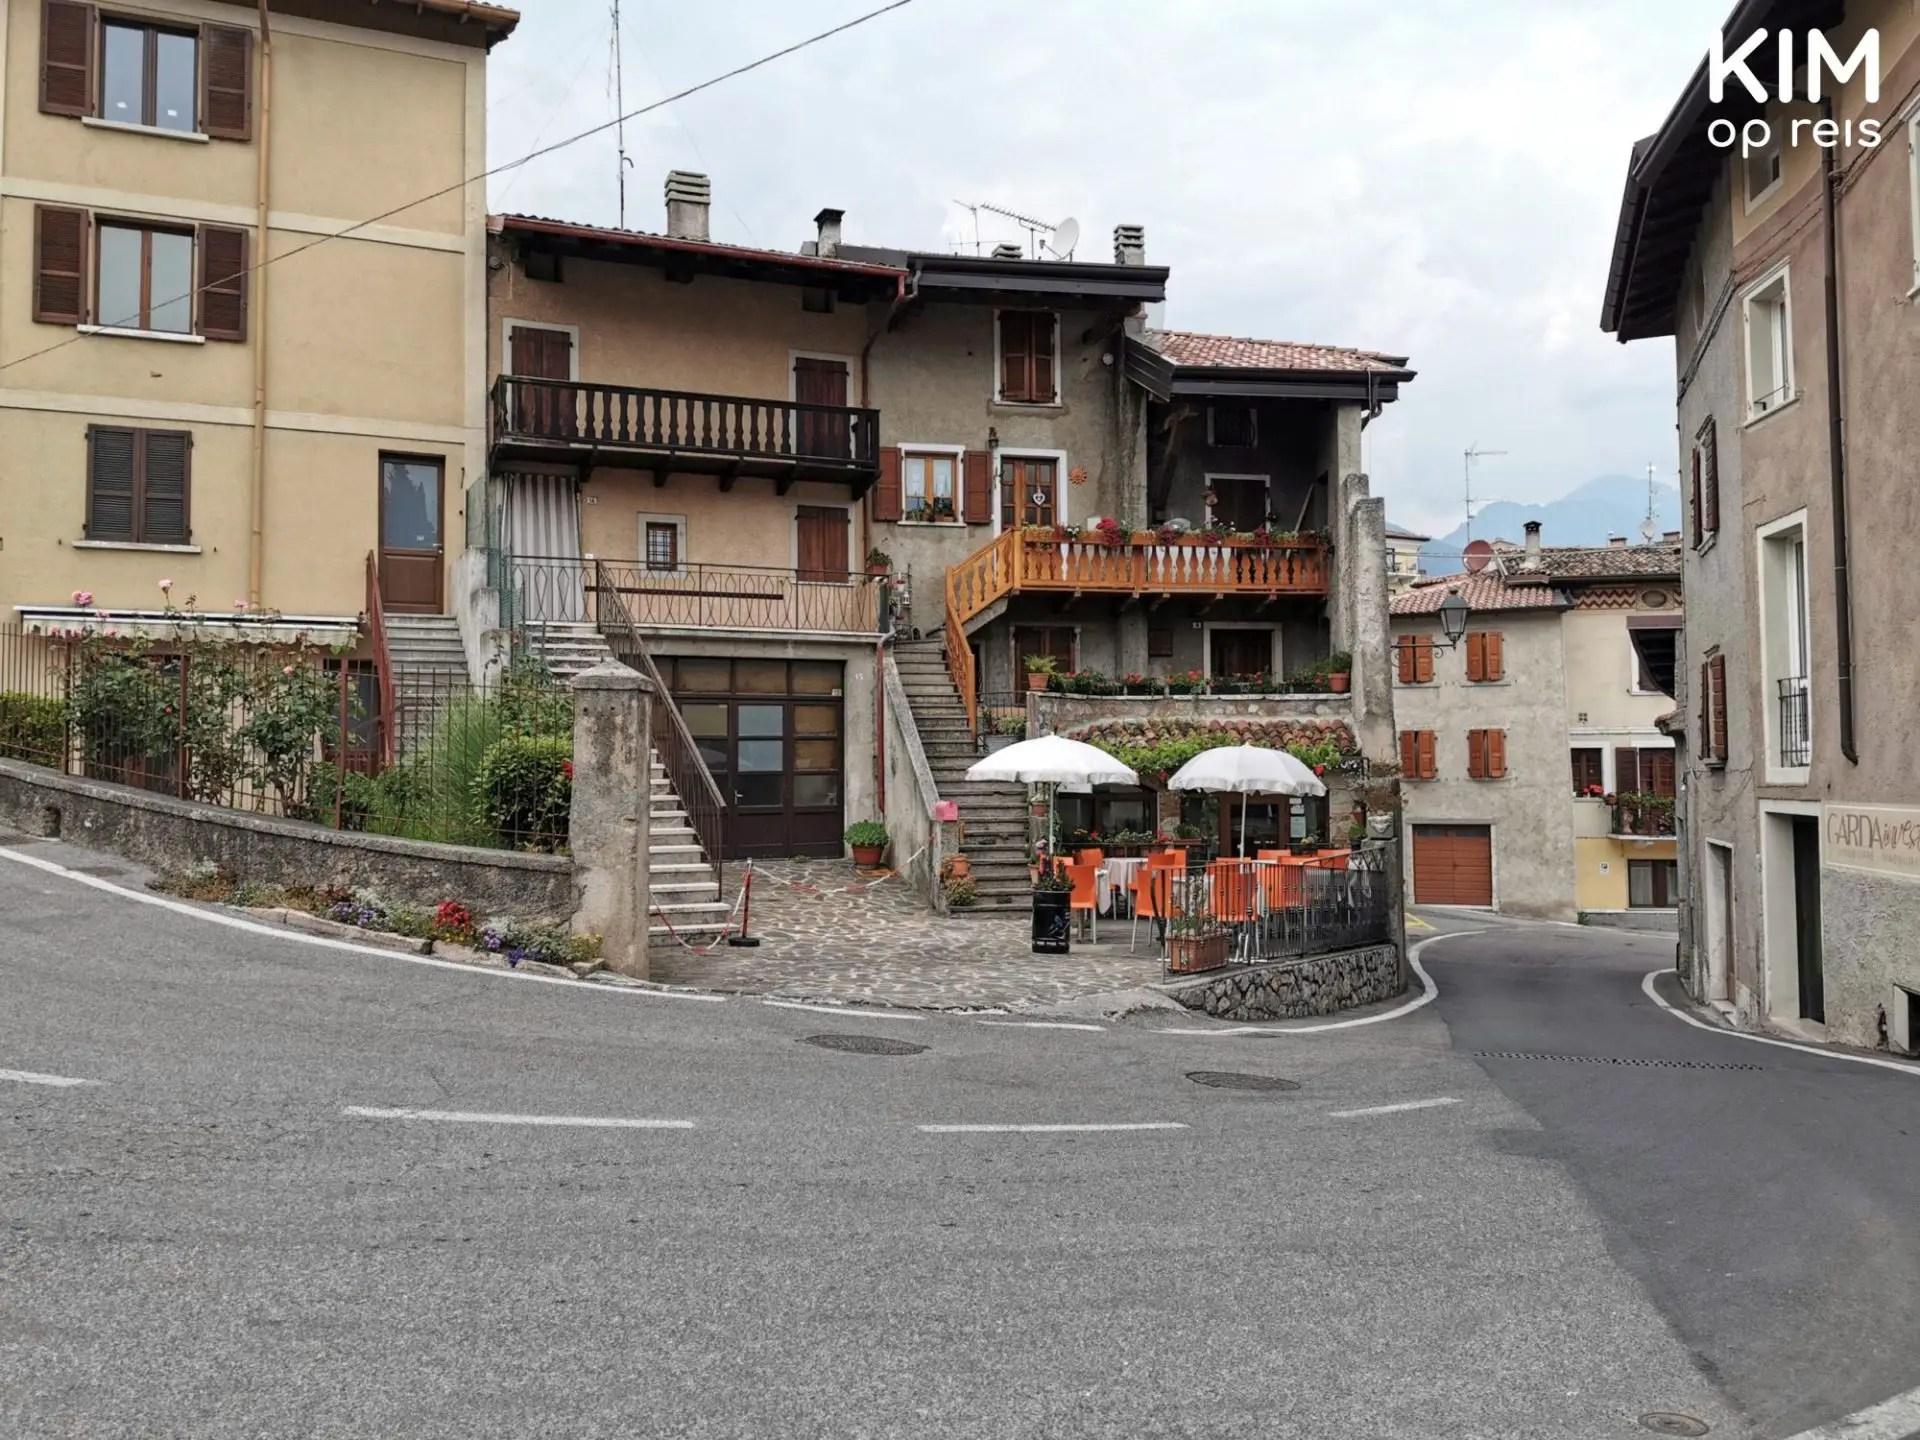 Pieve in Tremosine - bocht met daaraan een huis met een terras